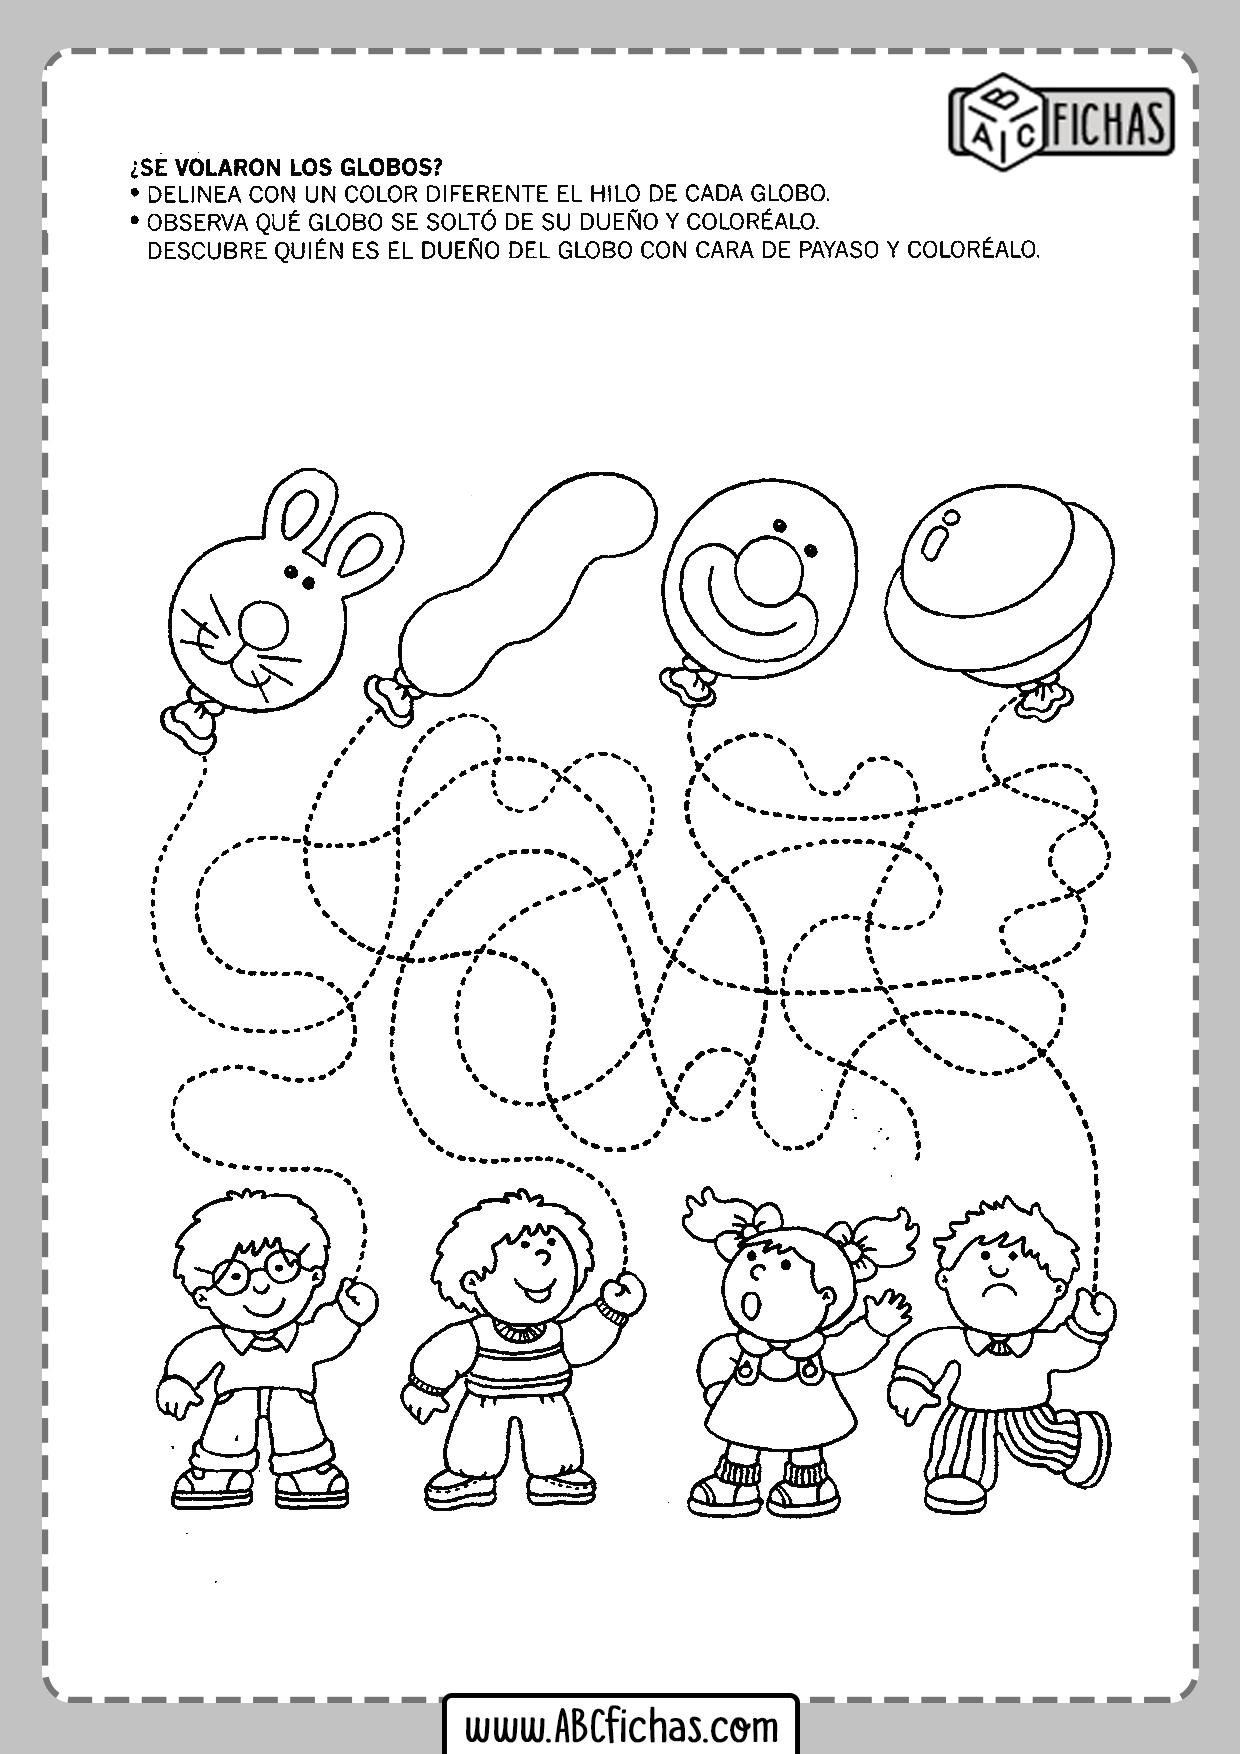 Fichas de delinear para niños